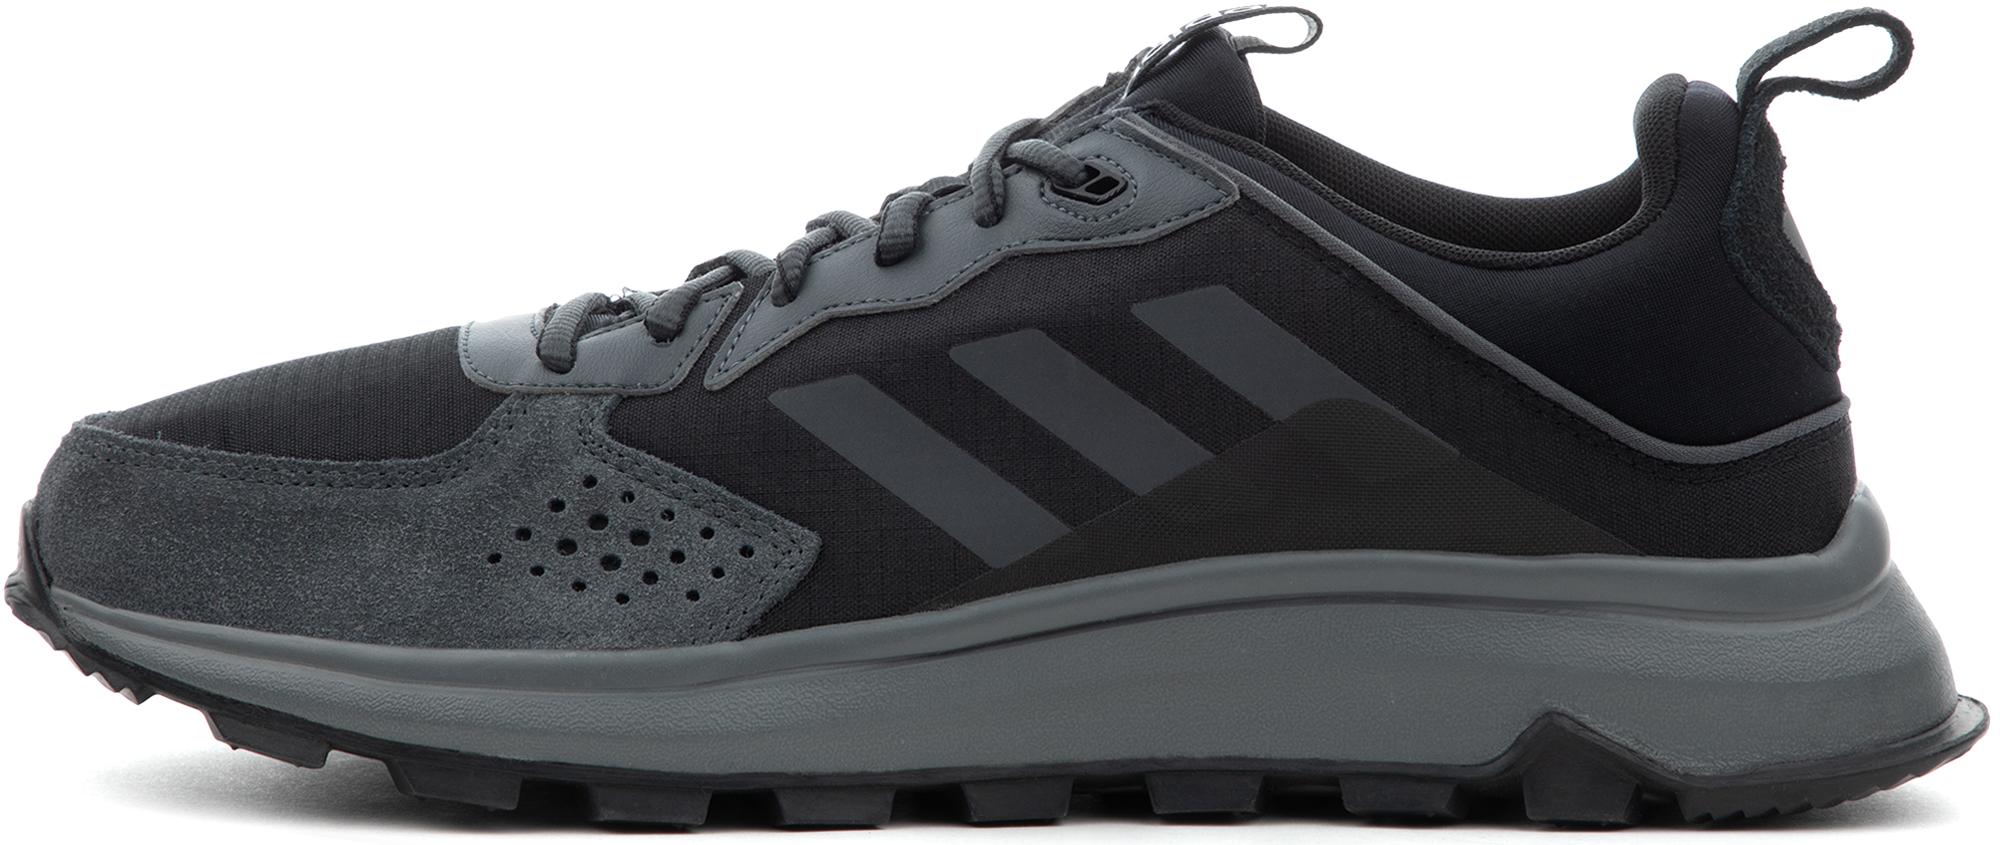 Adidas Кроссовки мужские Adidas Response, размер 46 все цены